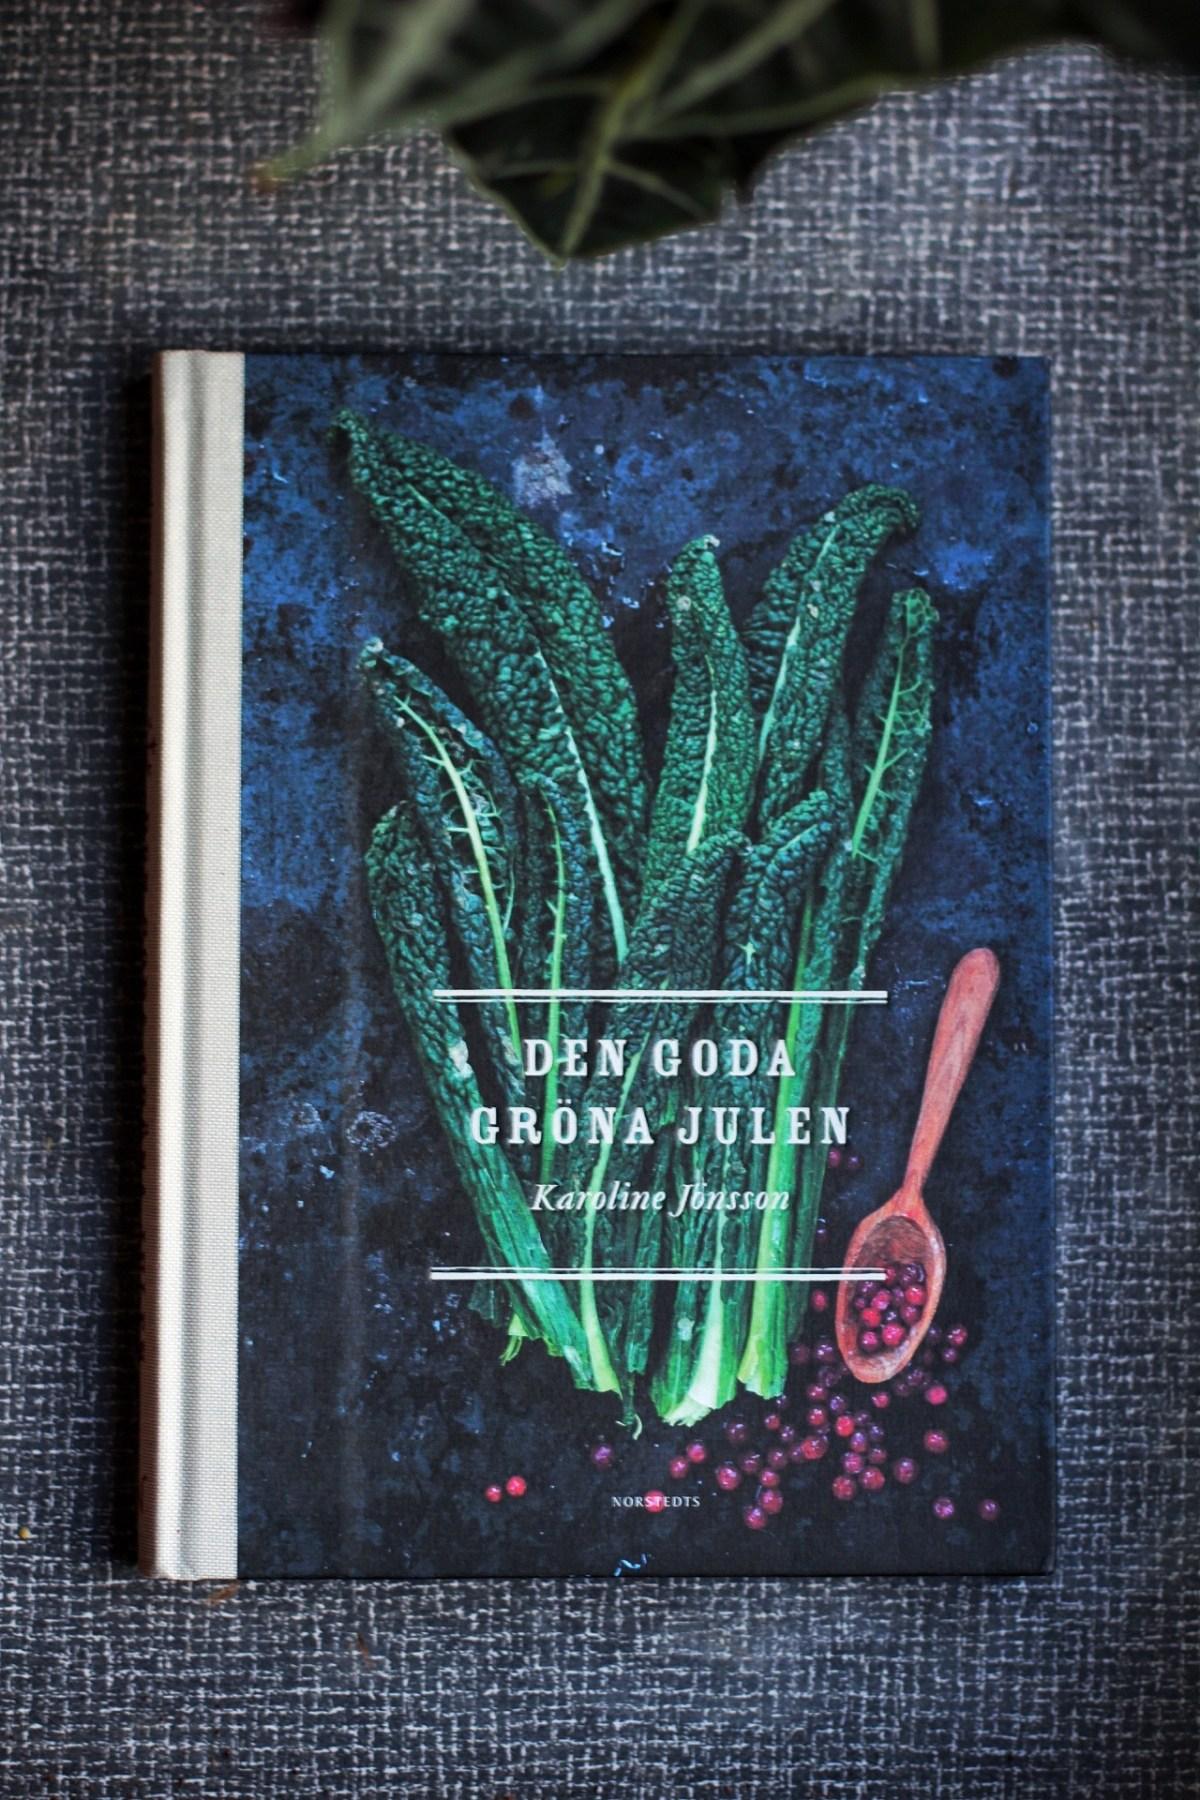 den goda gröna julen Karoline Jönsson recension julklappstips vegetarisk kokbok